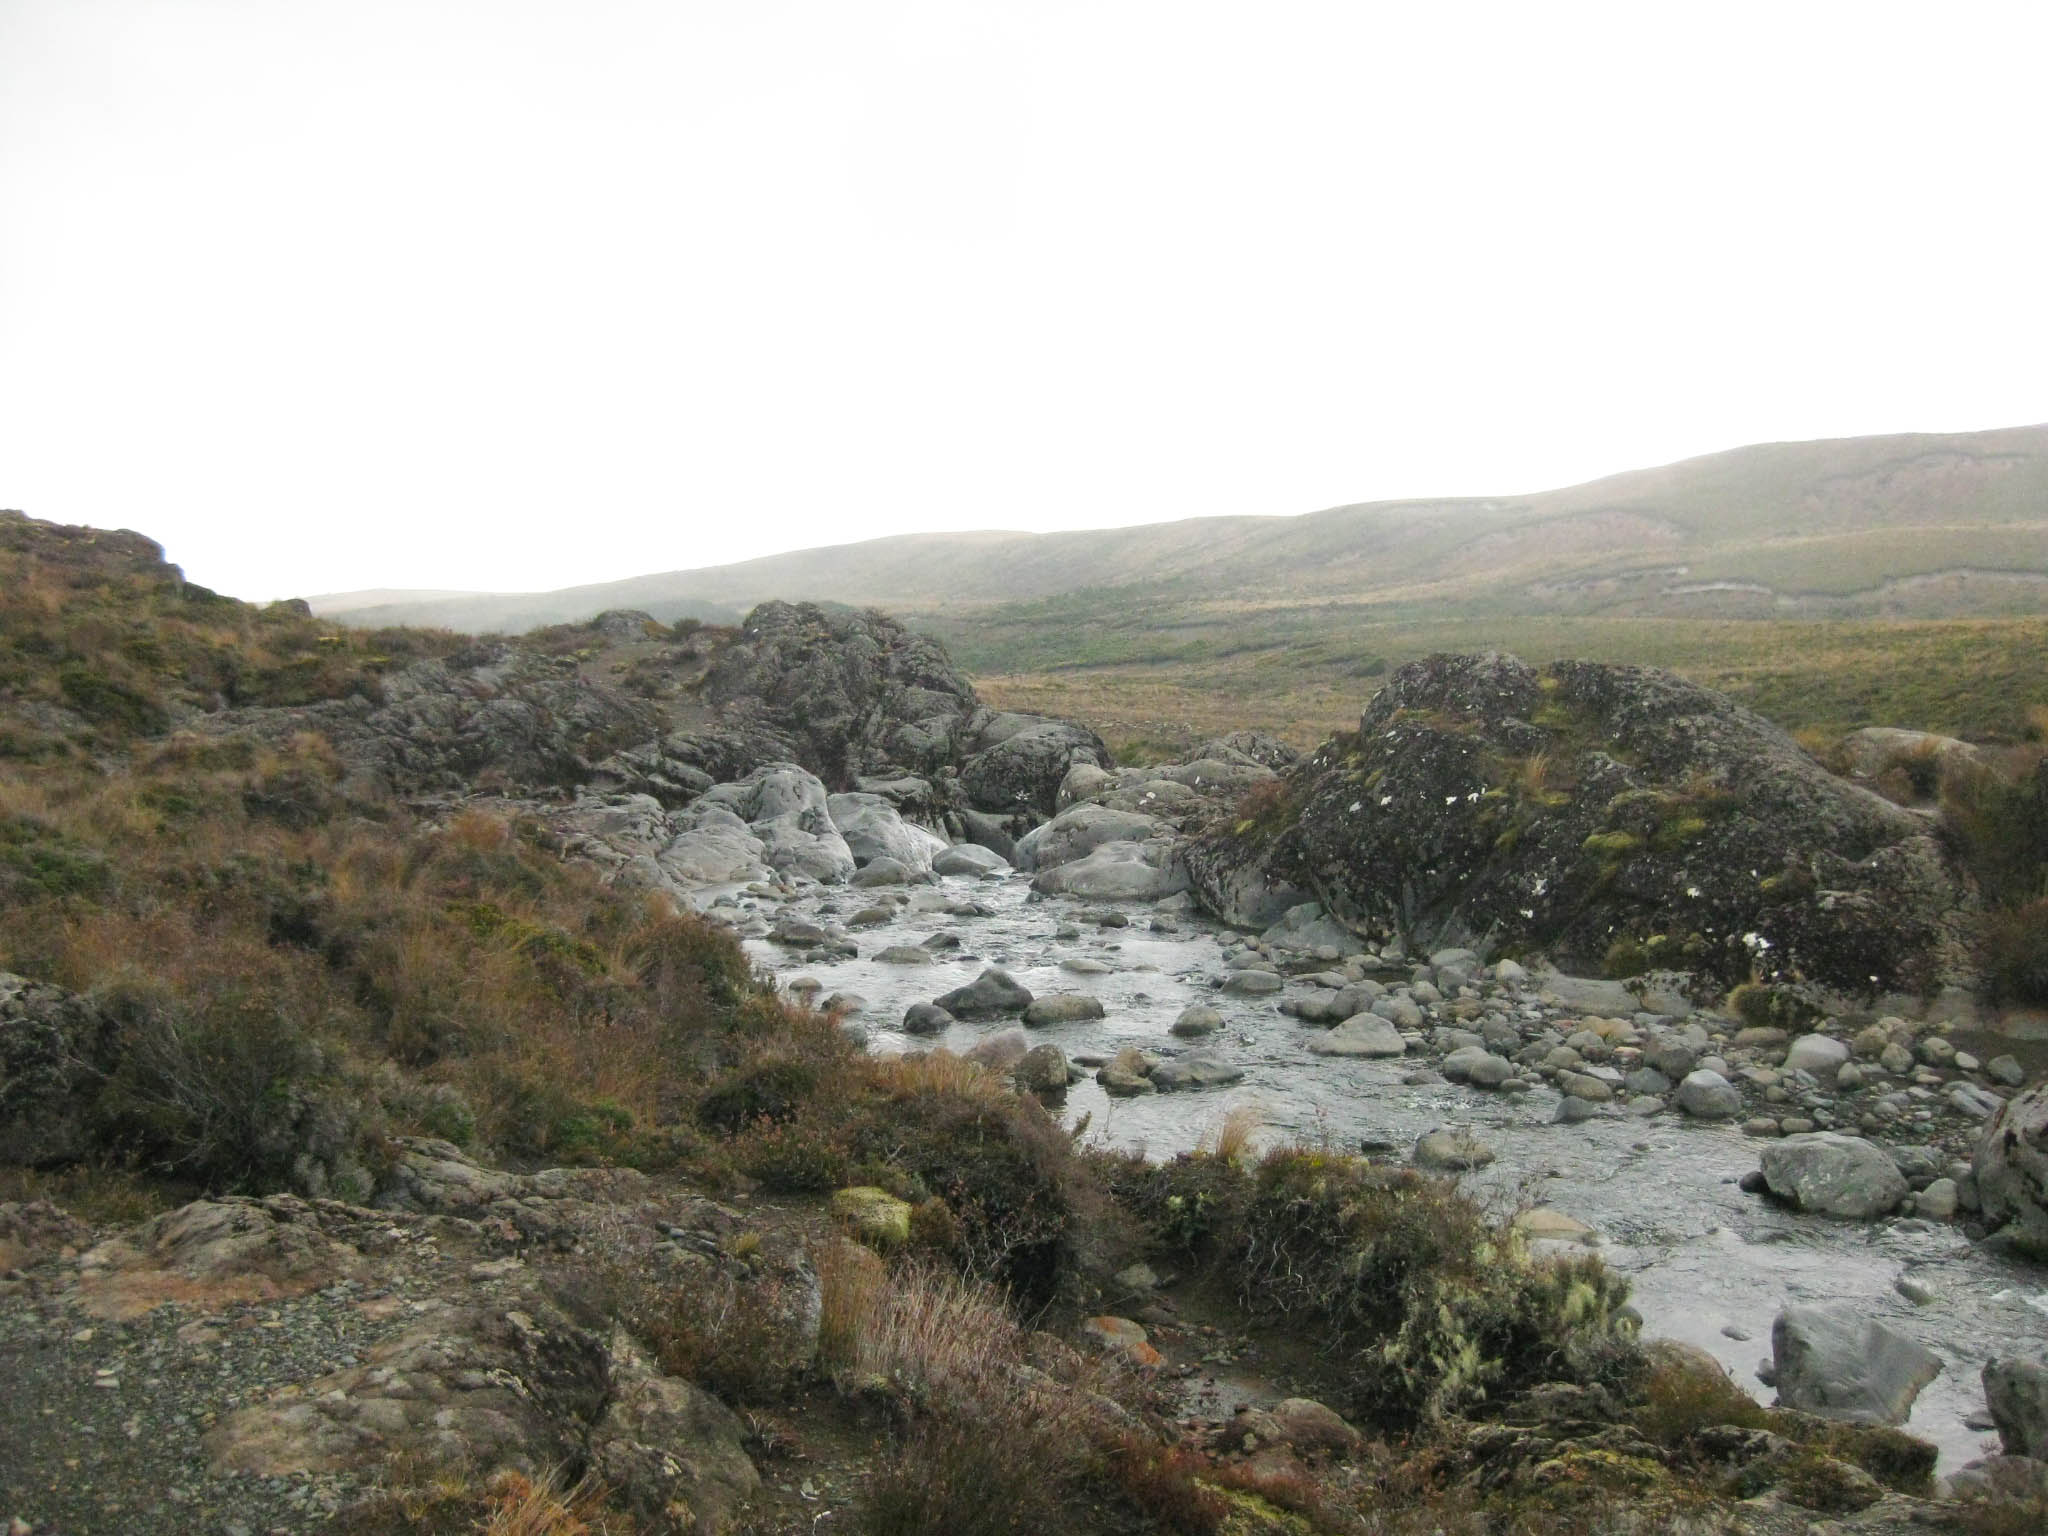 Nouvelle Zélande - Tongariri national parc - Les lubies de louise (21 sur 25)